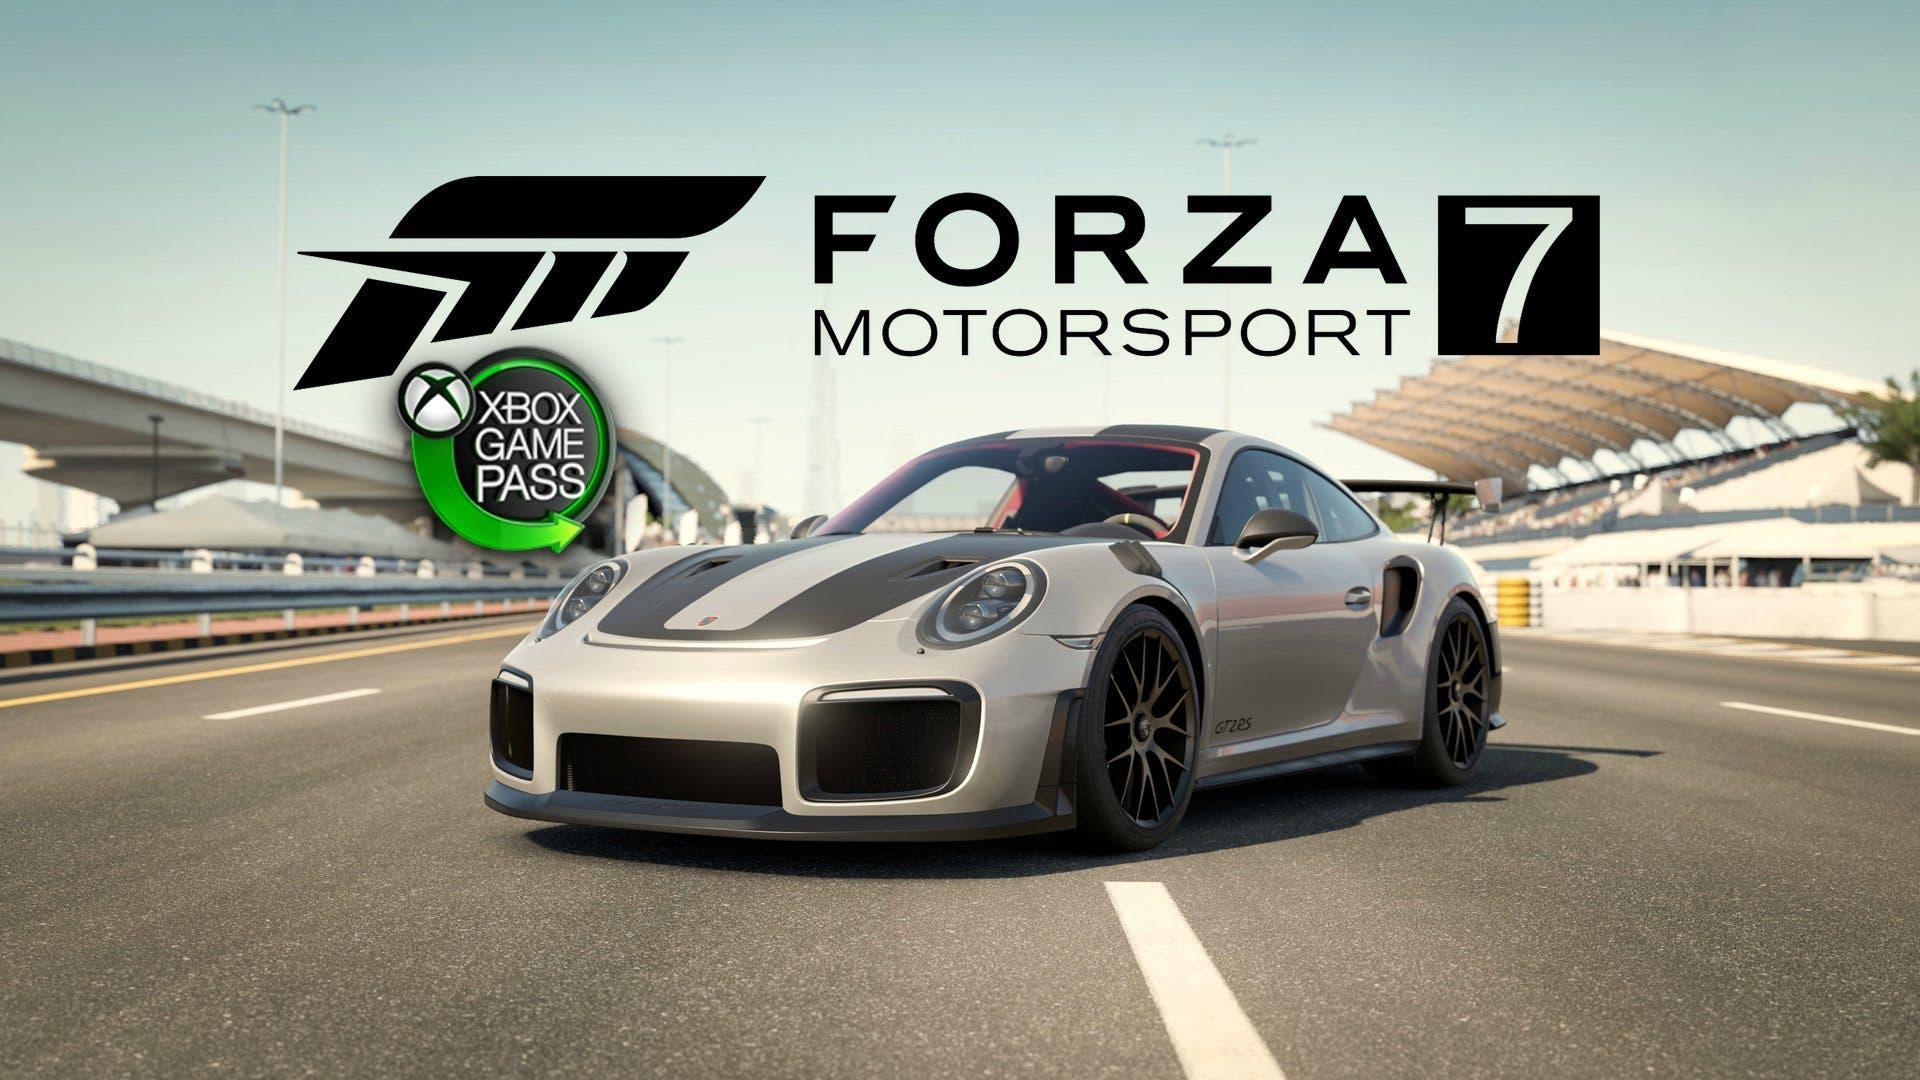 nuevos juegos en Xbox Game Pass de PC y consola